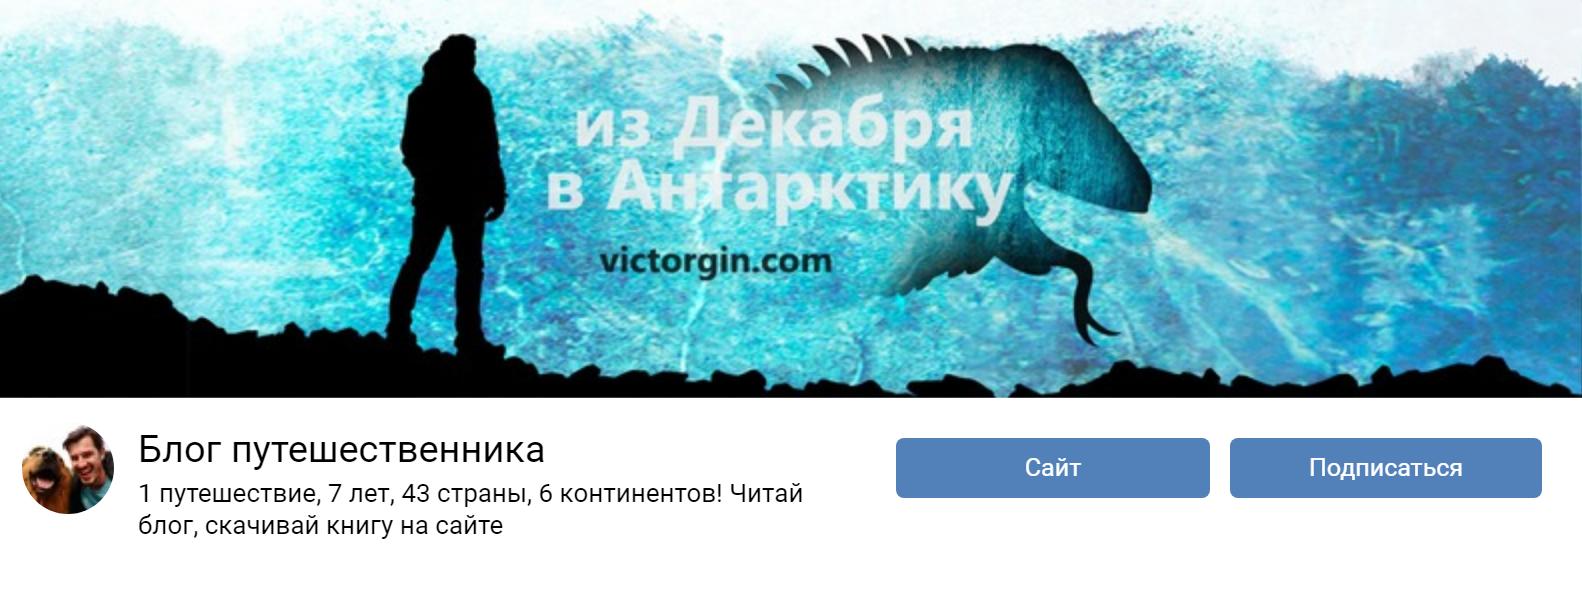 Группу во «Вконтакте» я оформил в стиле книги